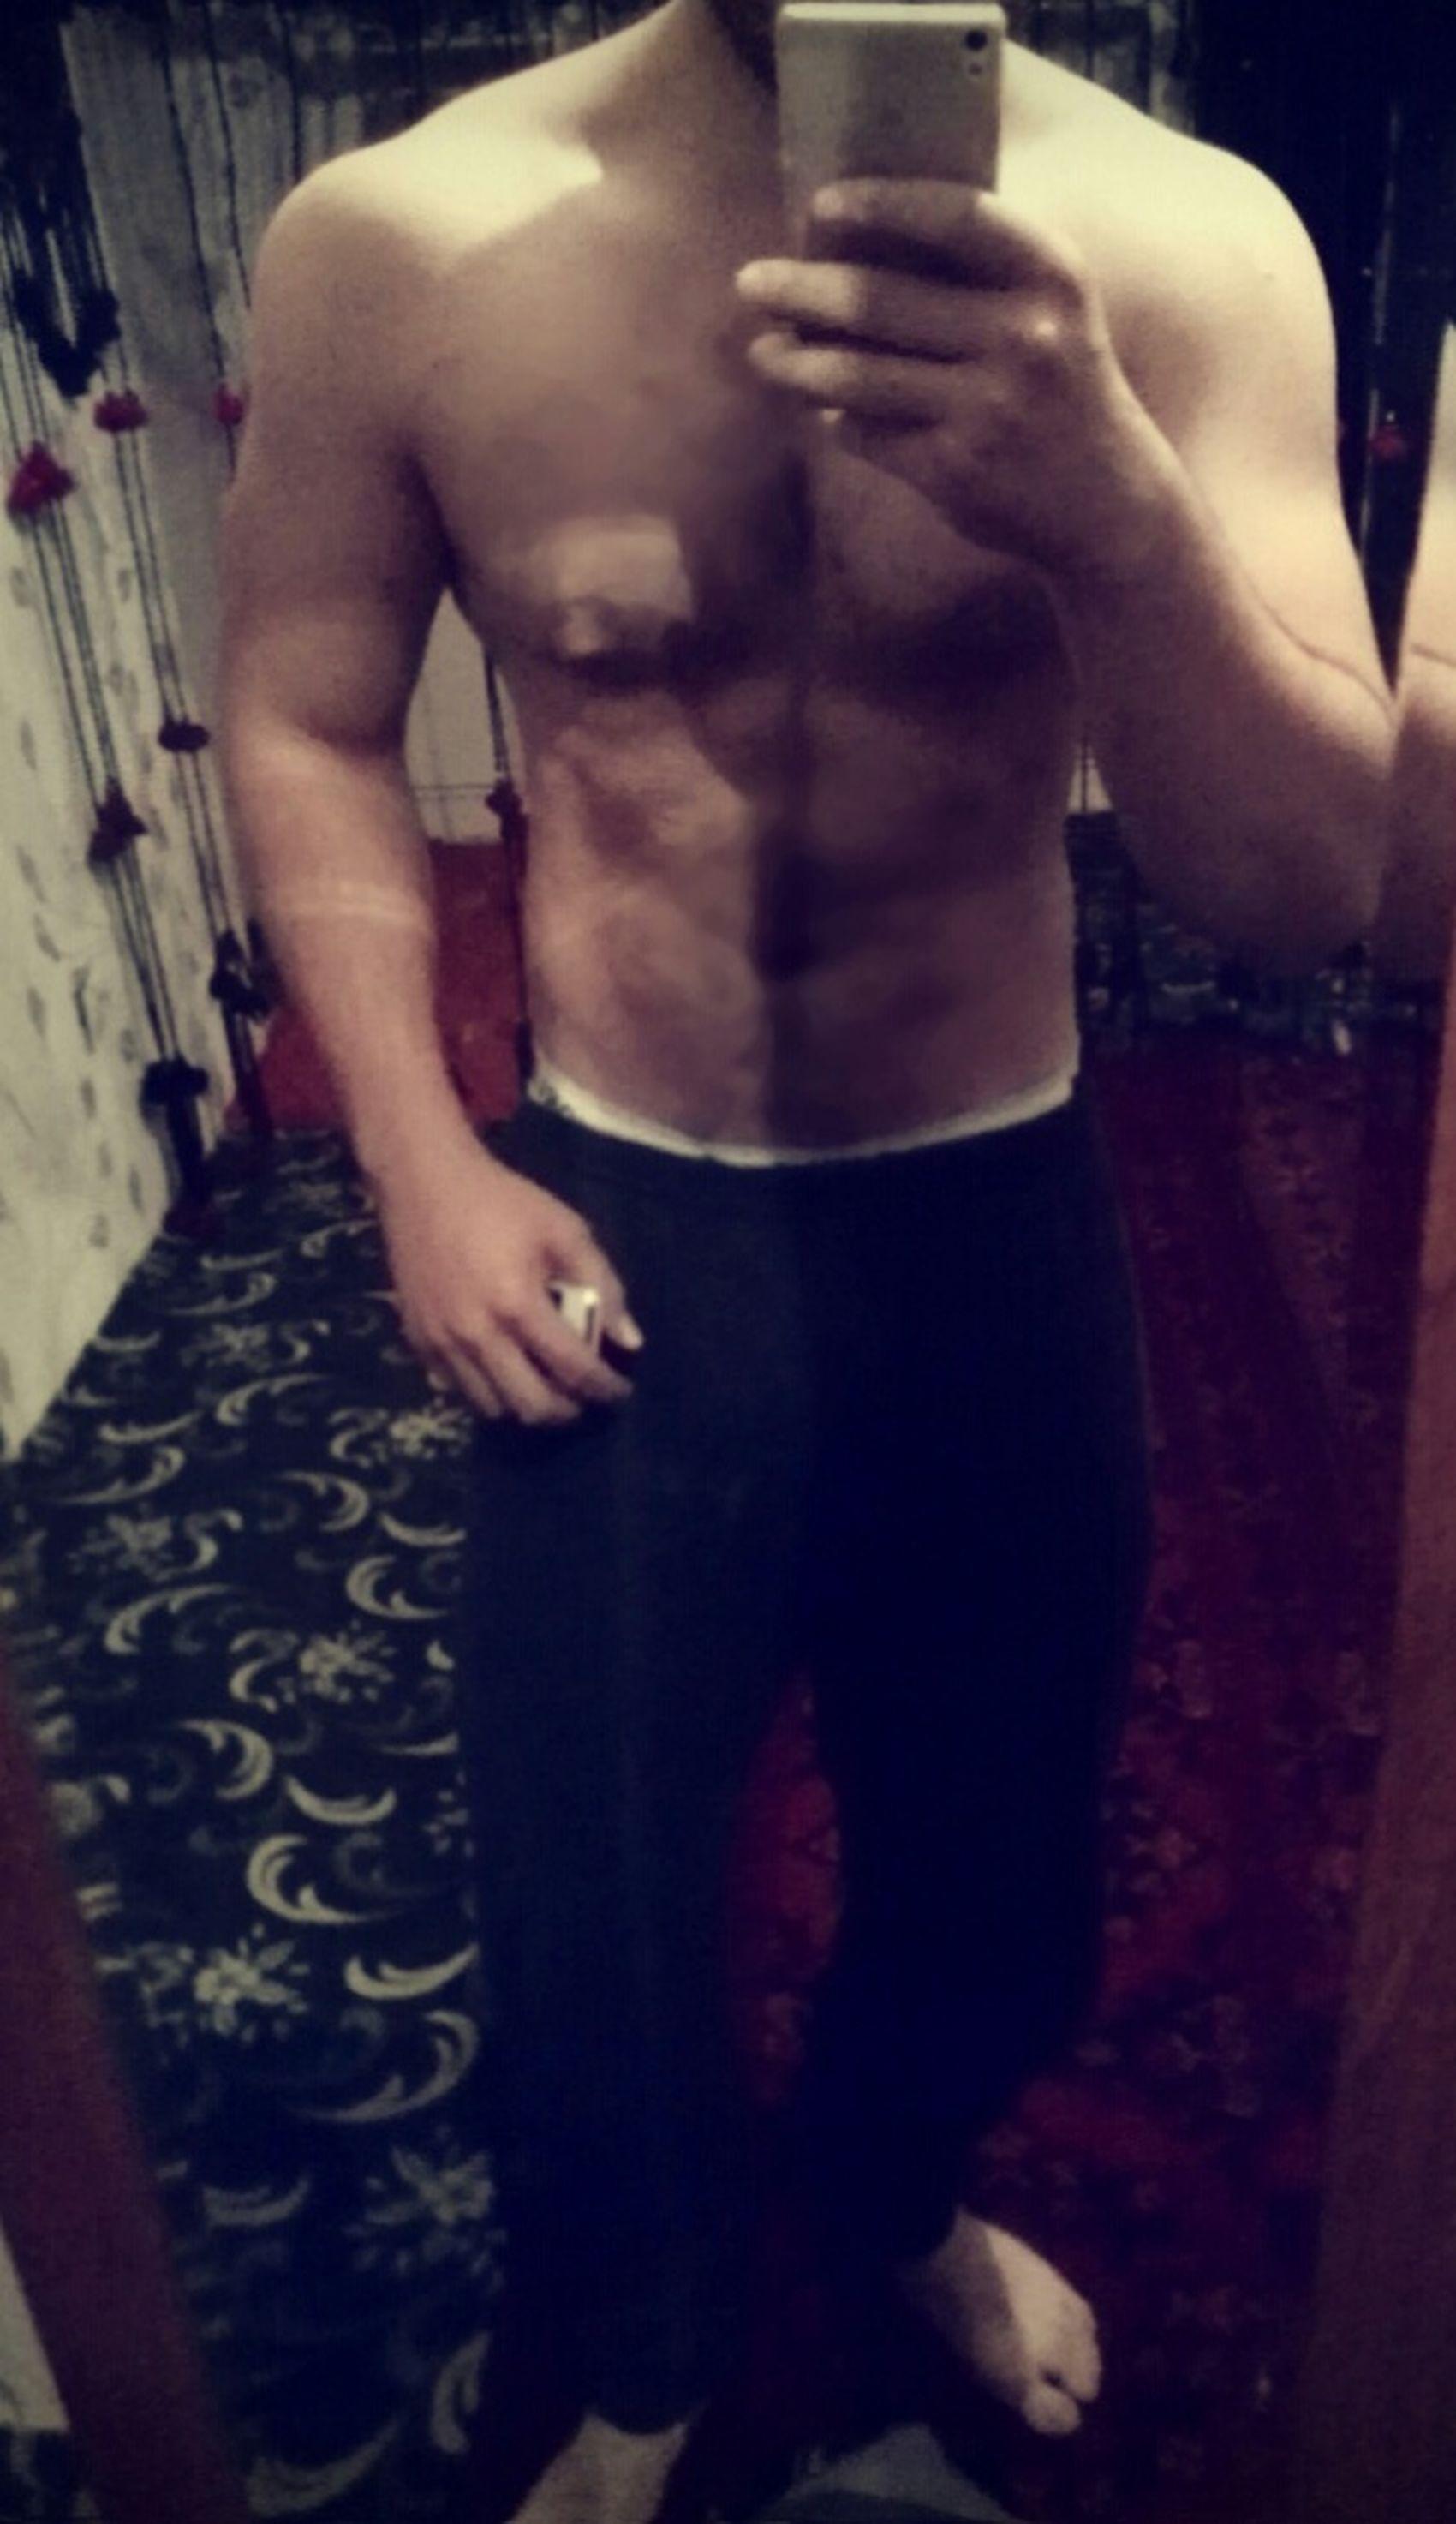 Boy Body Show Today's Hot Look Hi!